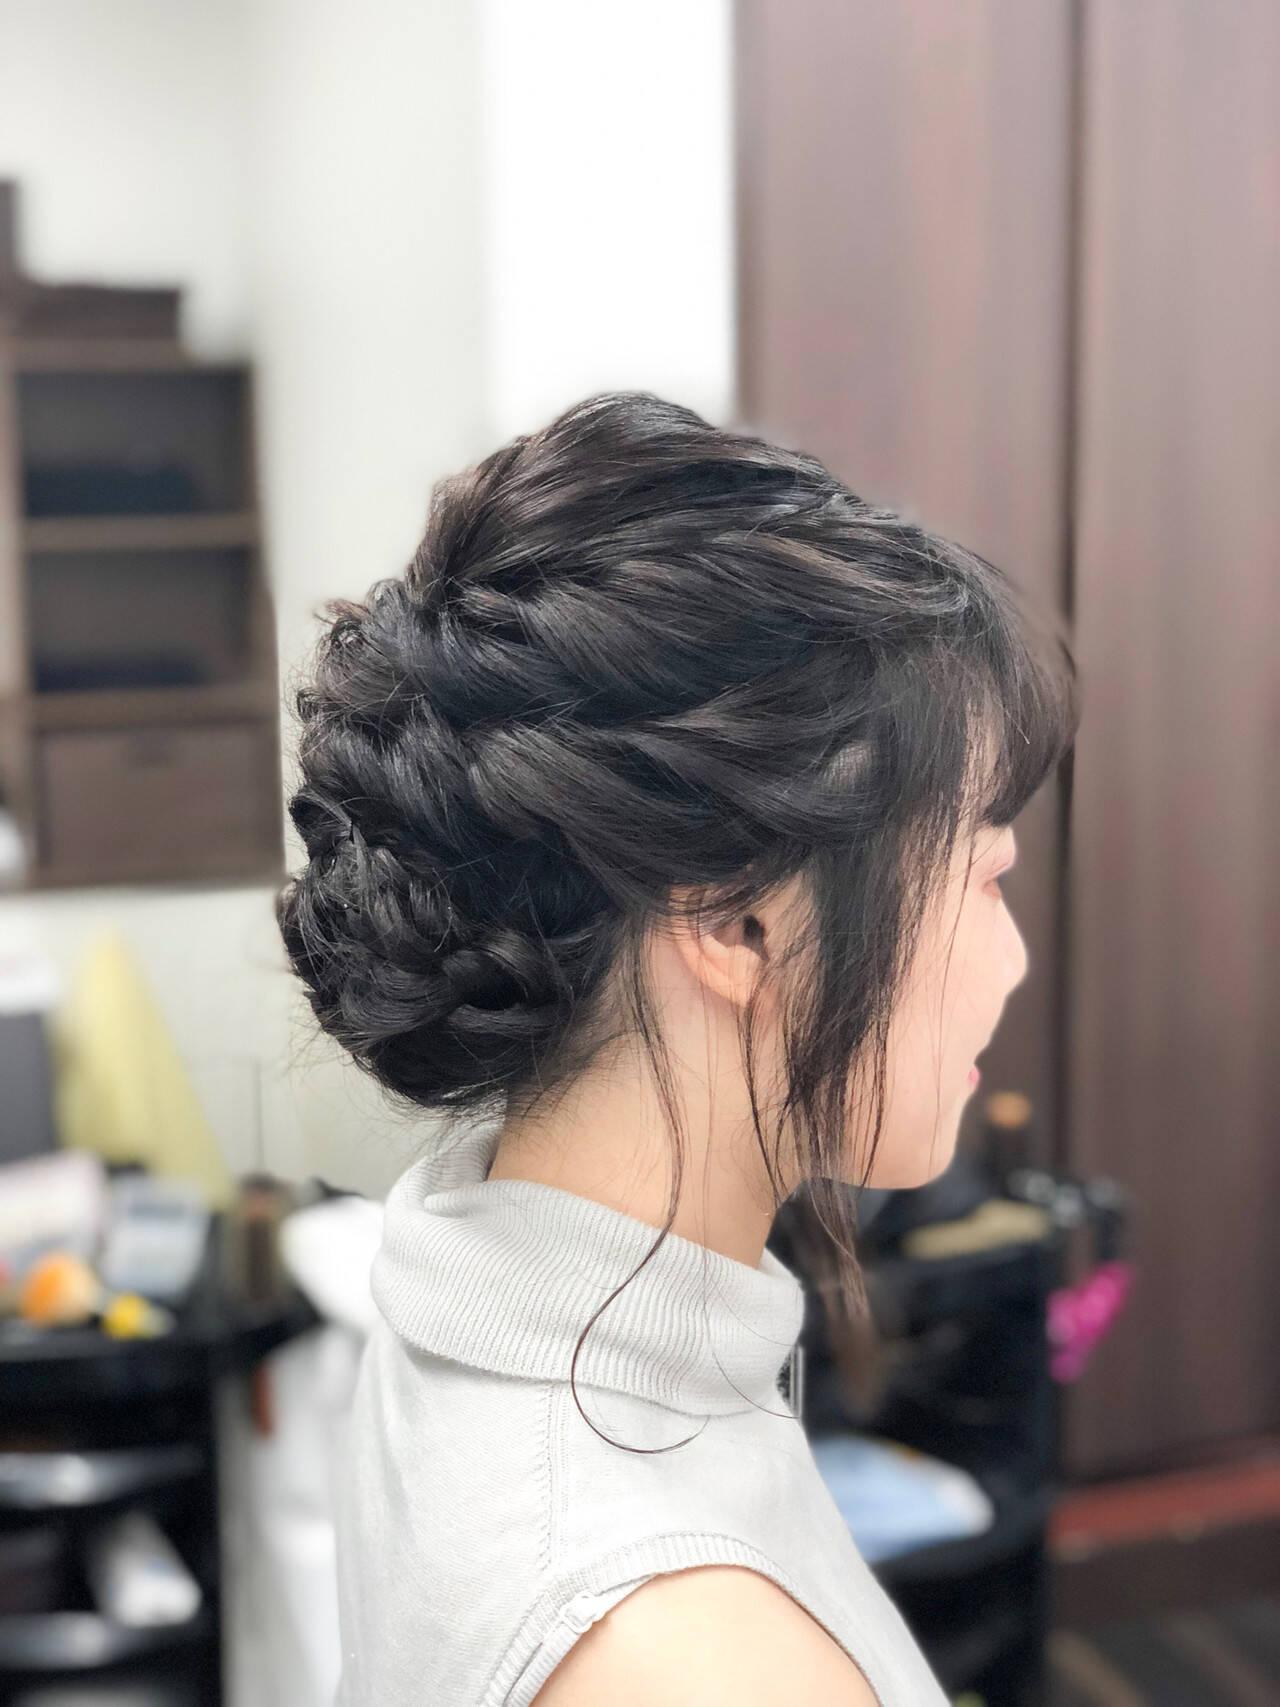 結婚式 ミディアム ロープ編みアレンジヘア ヘアセットヘアスタイルや髪型の写真・画像